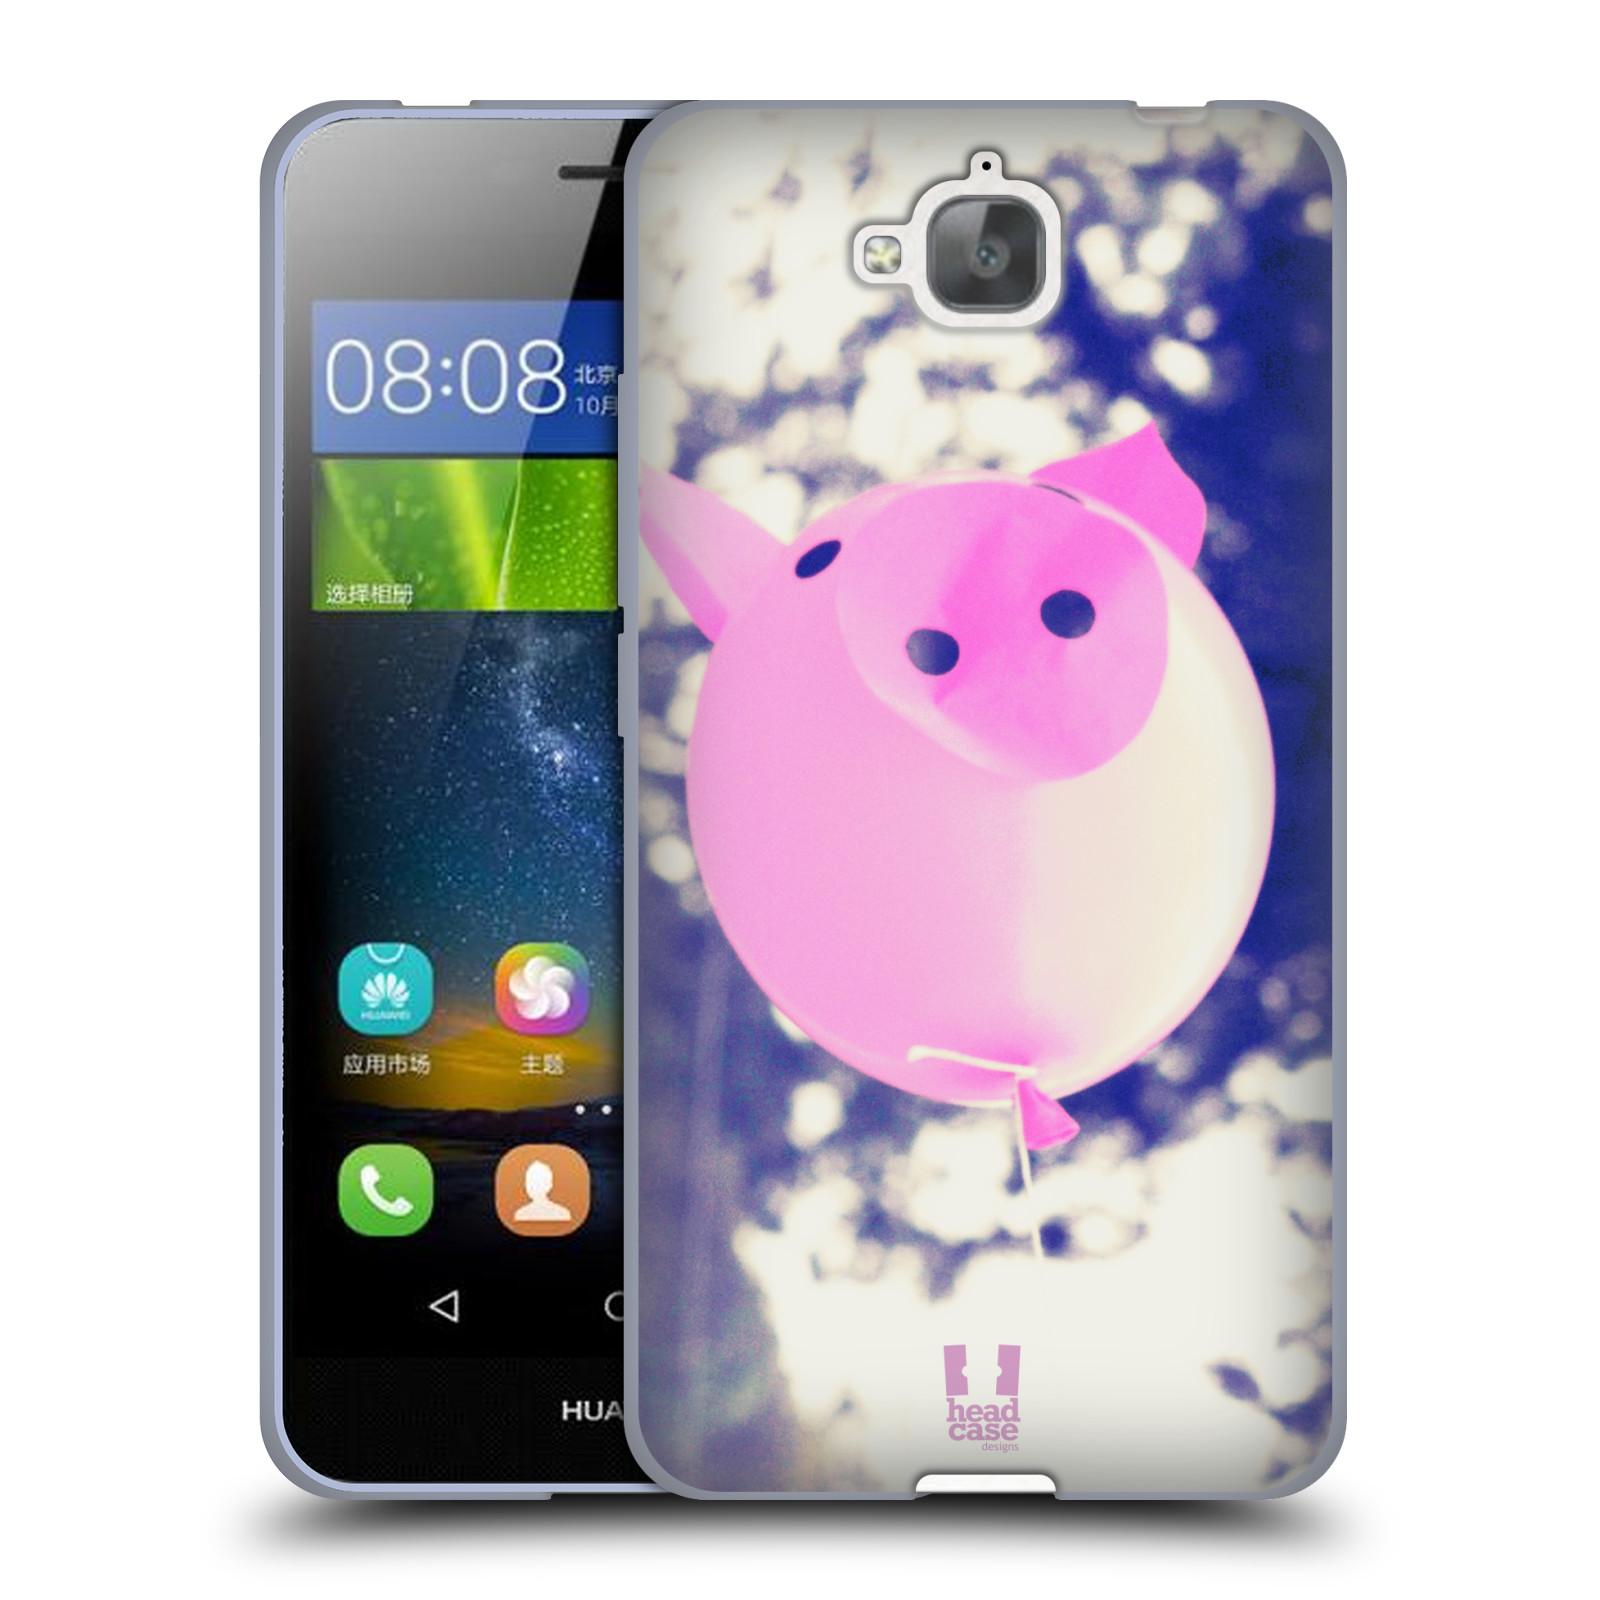 Silikonové pouzdro na mobil Huawei Y6 Pro Dual Sim HEAD CASE BALON PAŠÍK